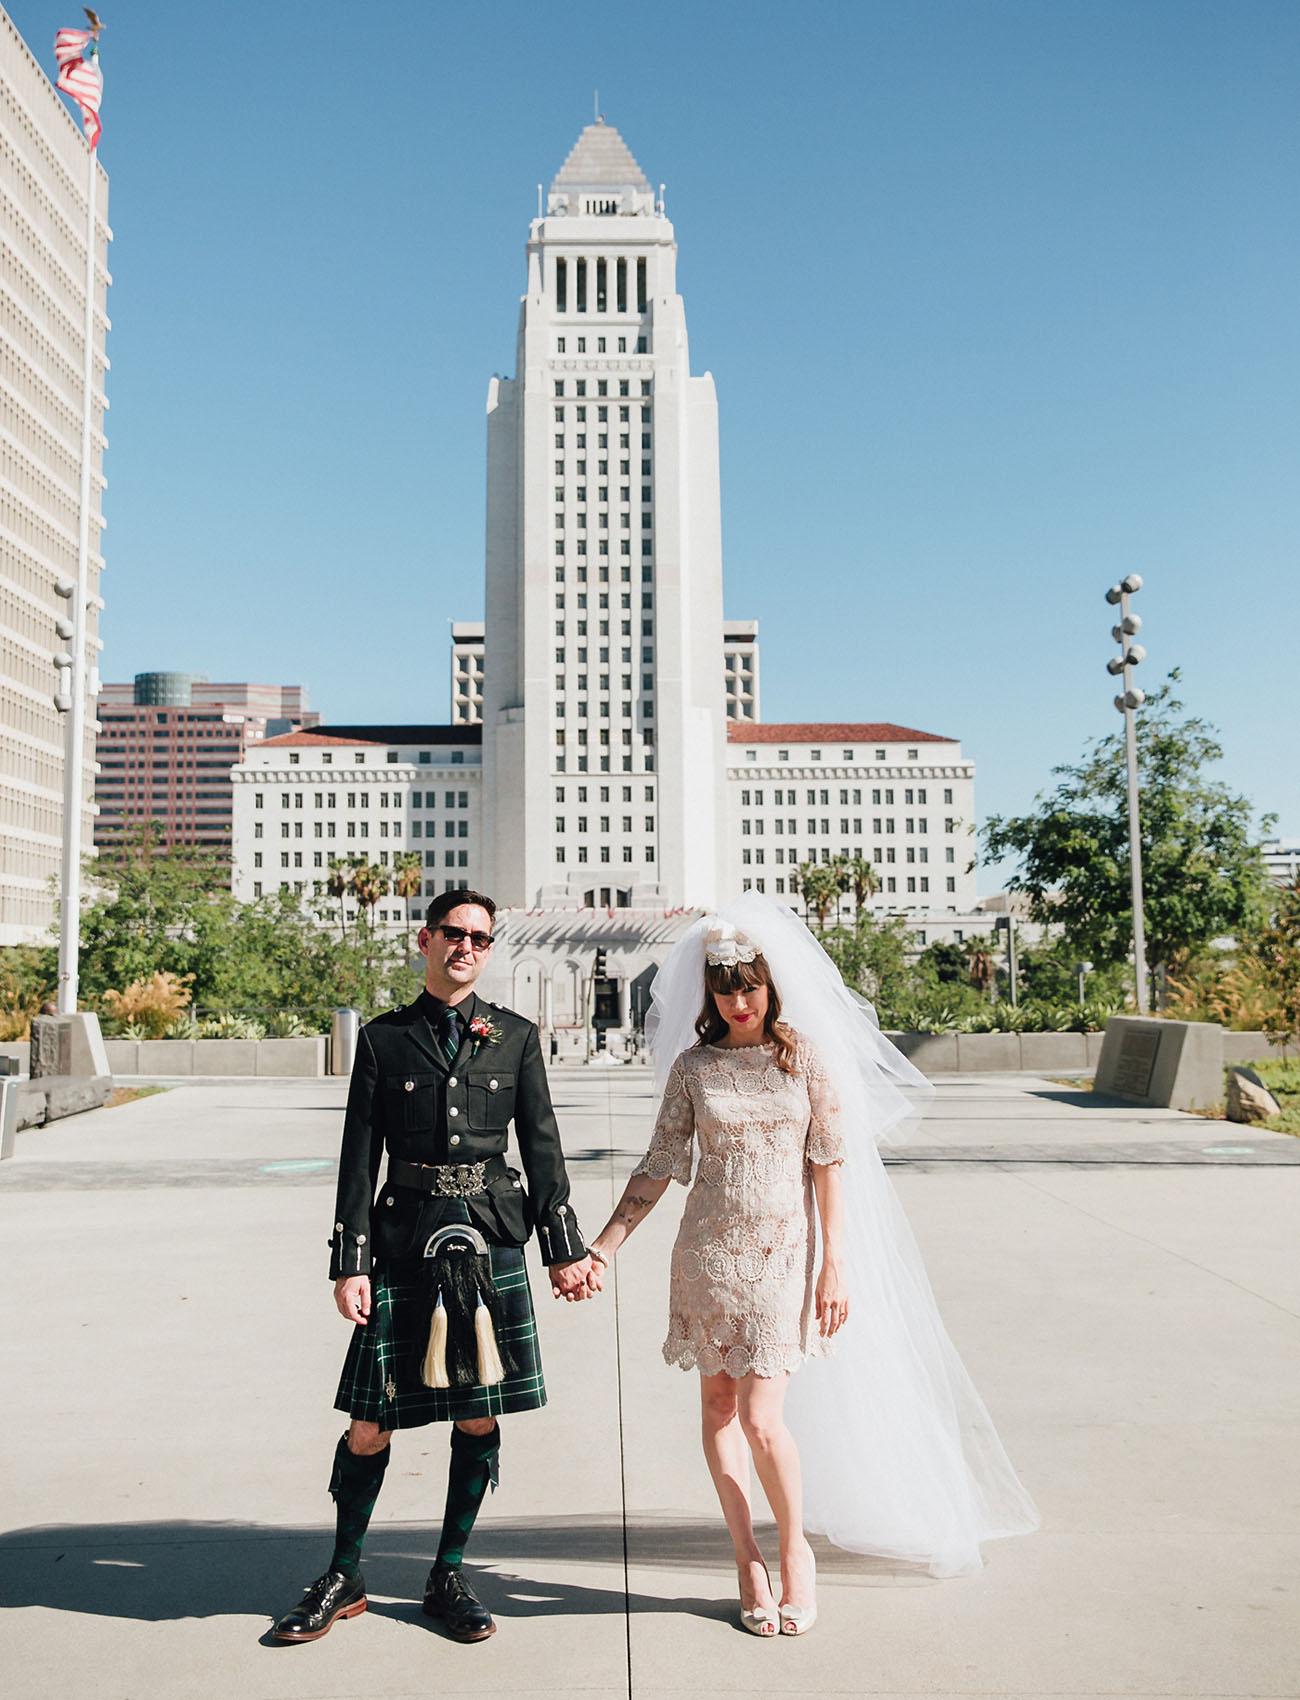 Downtown La Parade Wedding